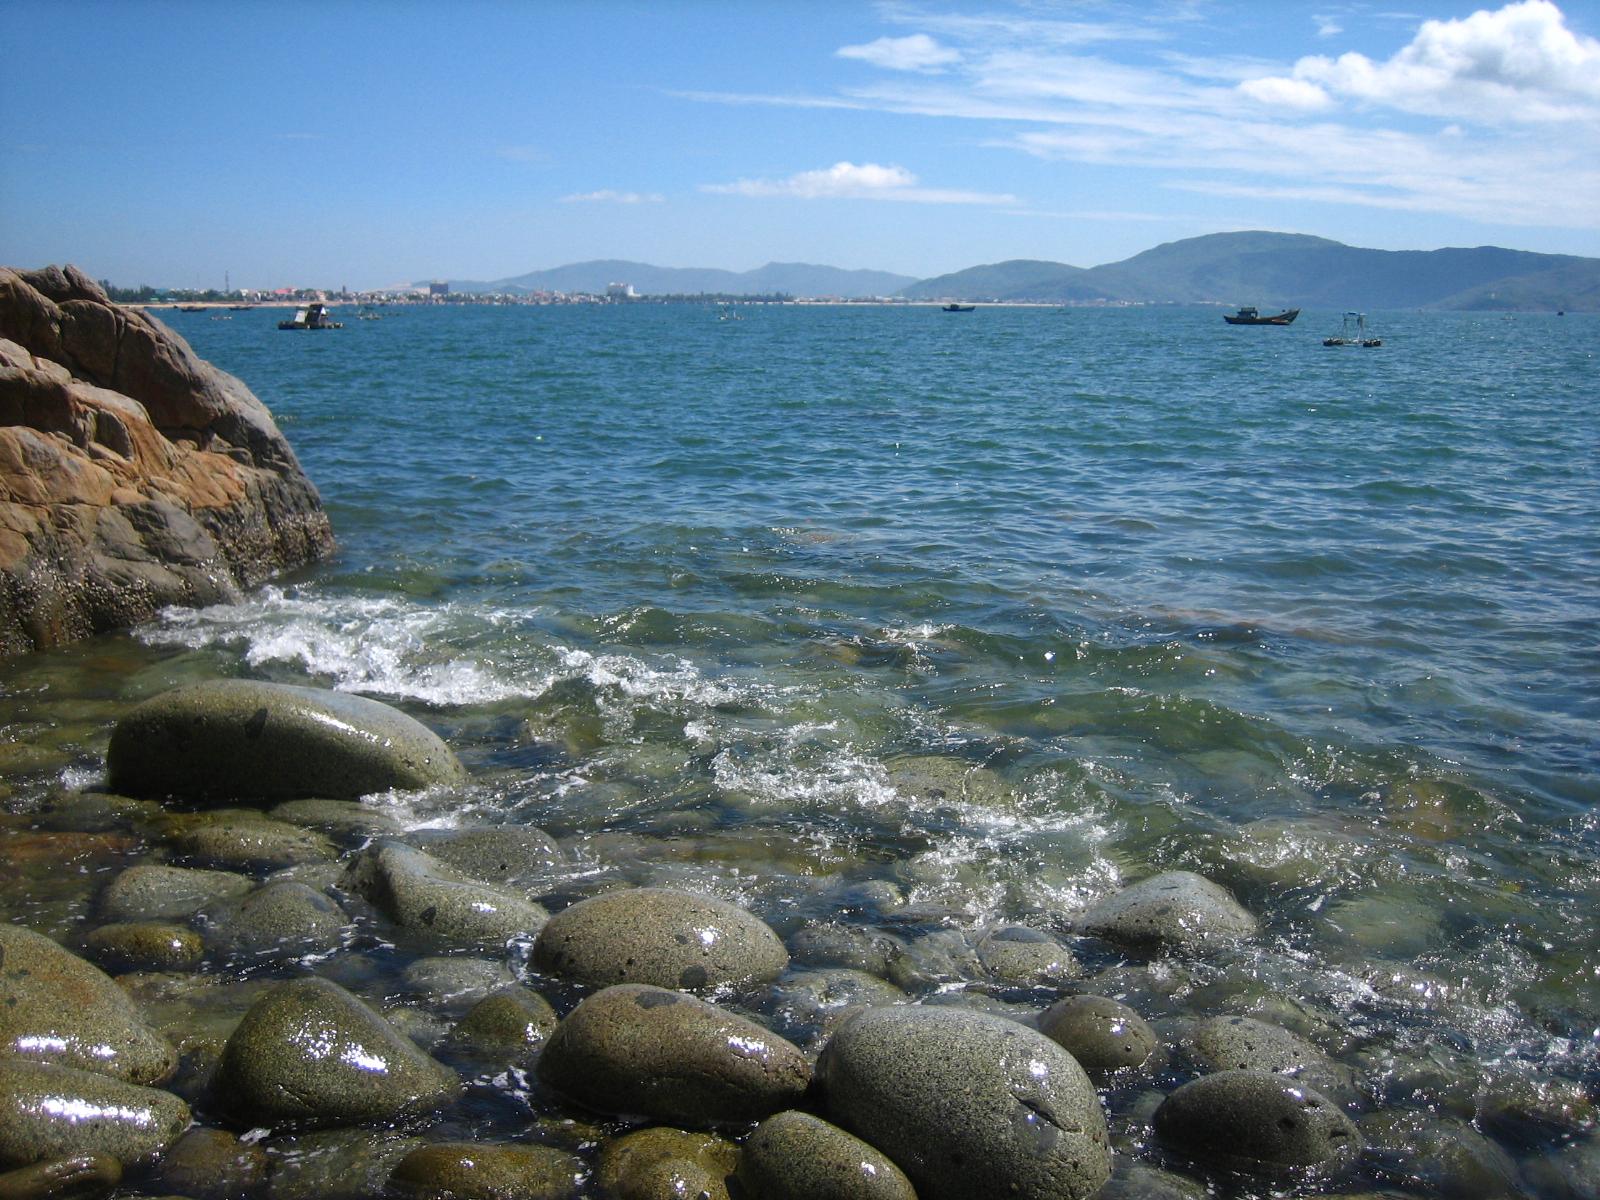 Biển Quy Nhơn Bình Định tháng 1